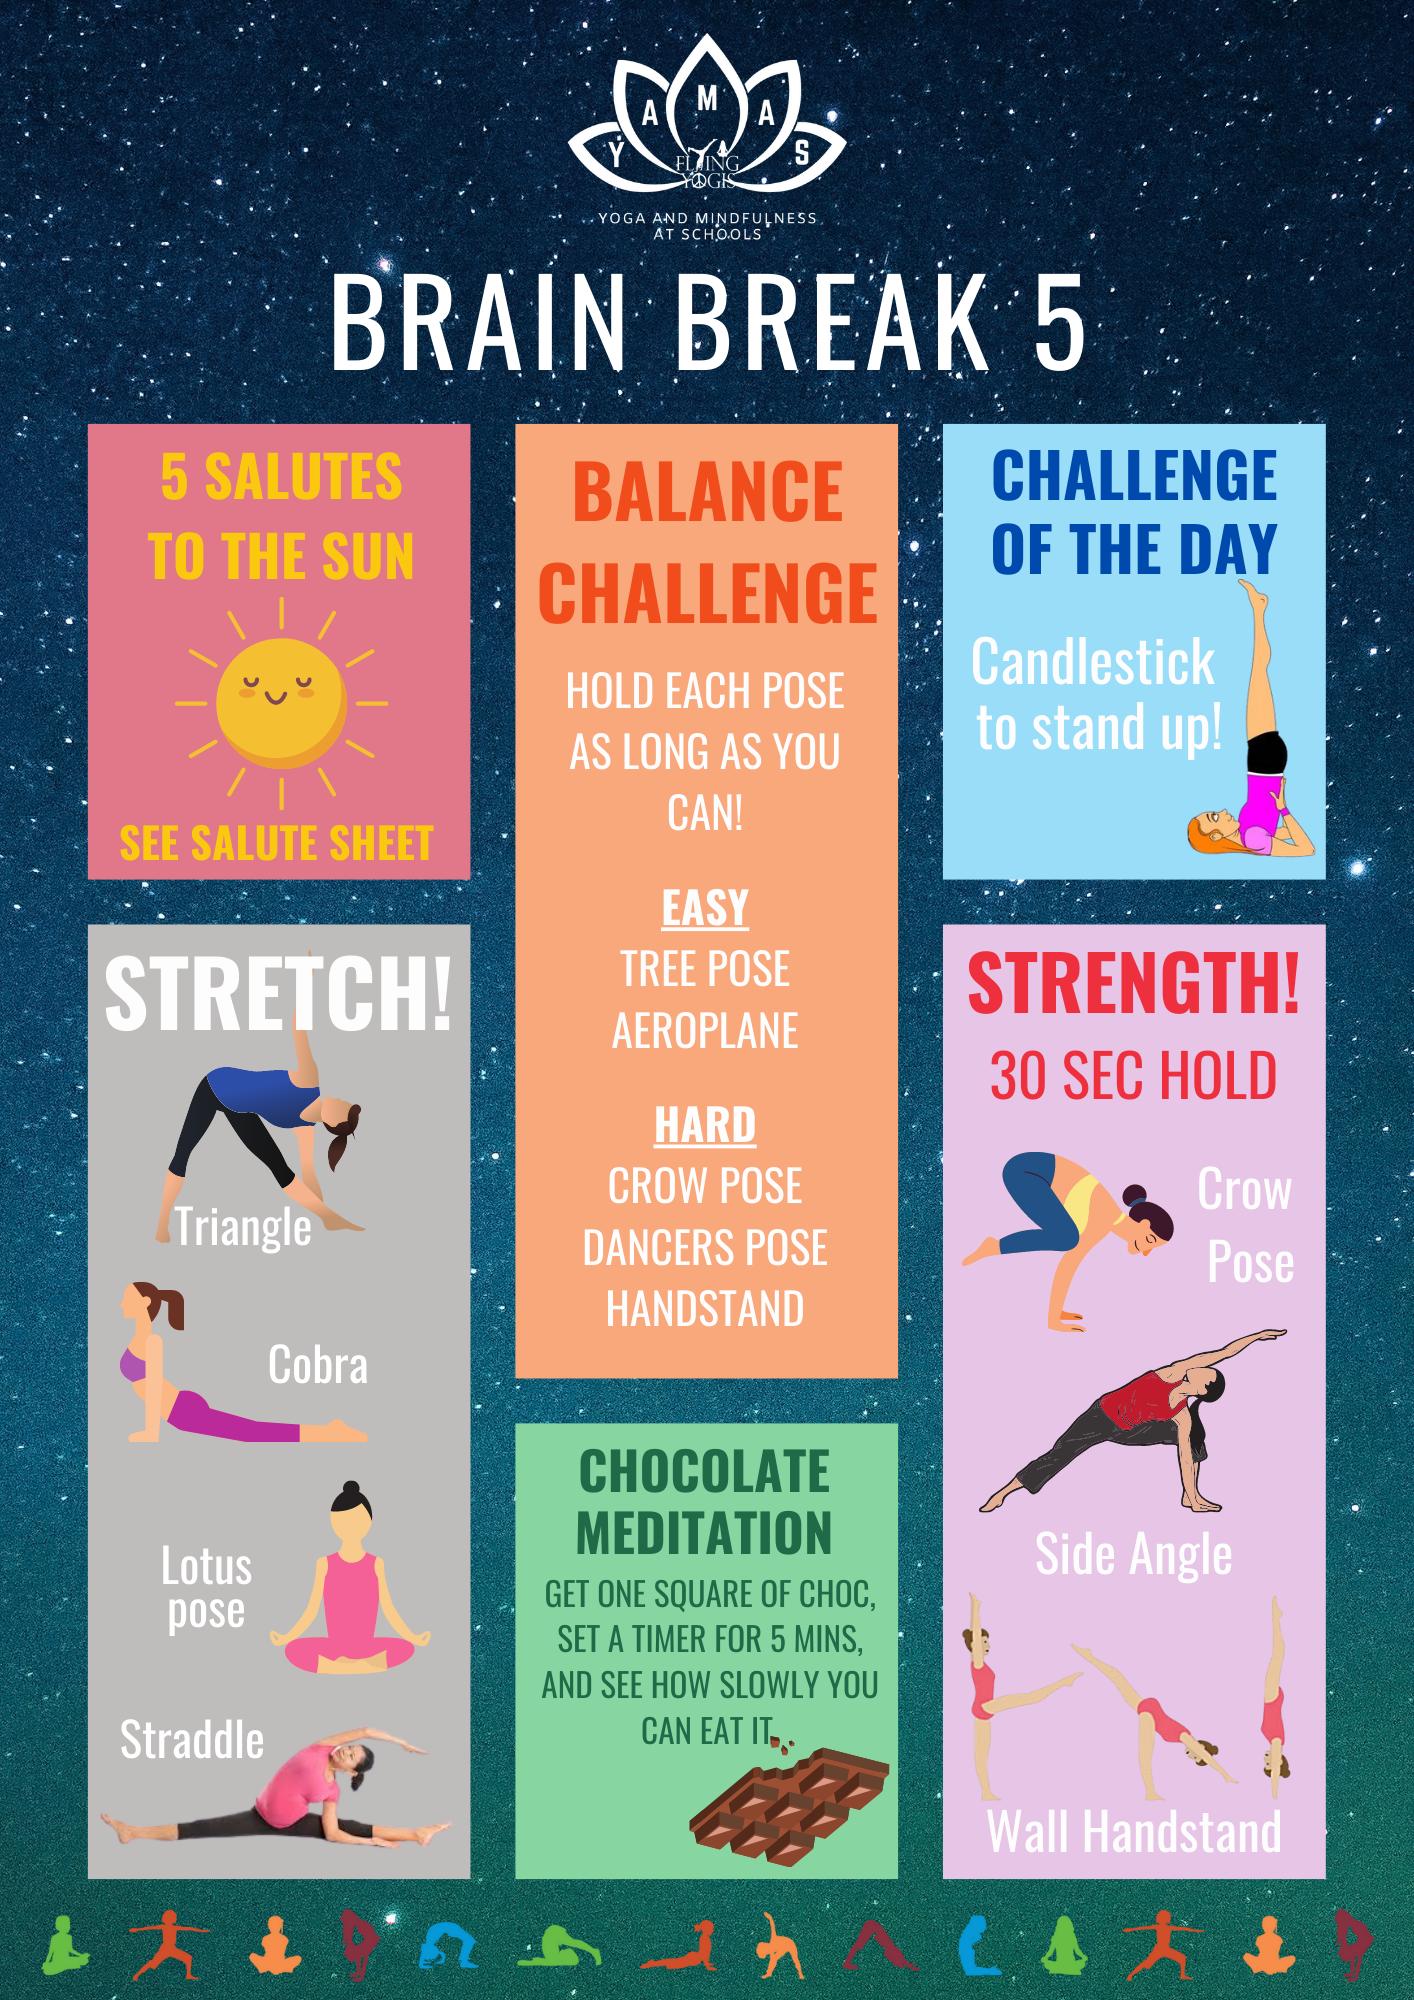 Brain Break 5